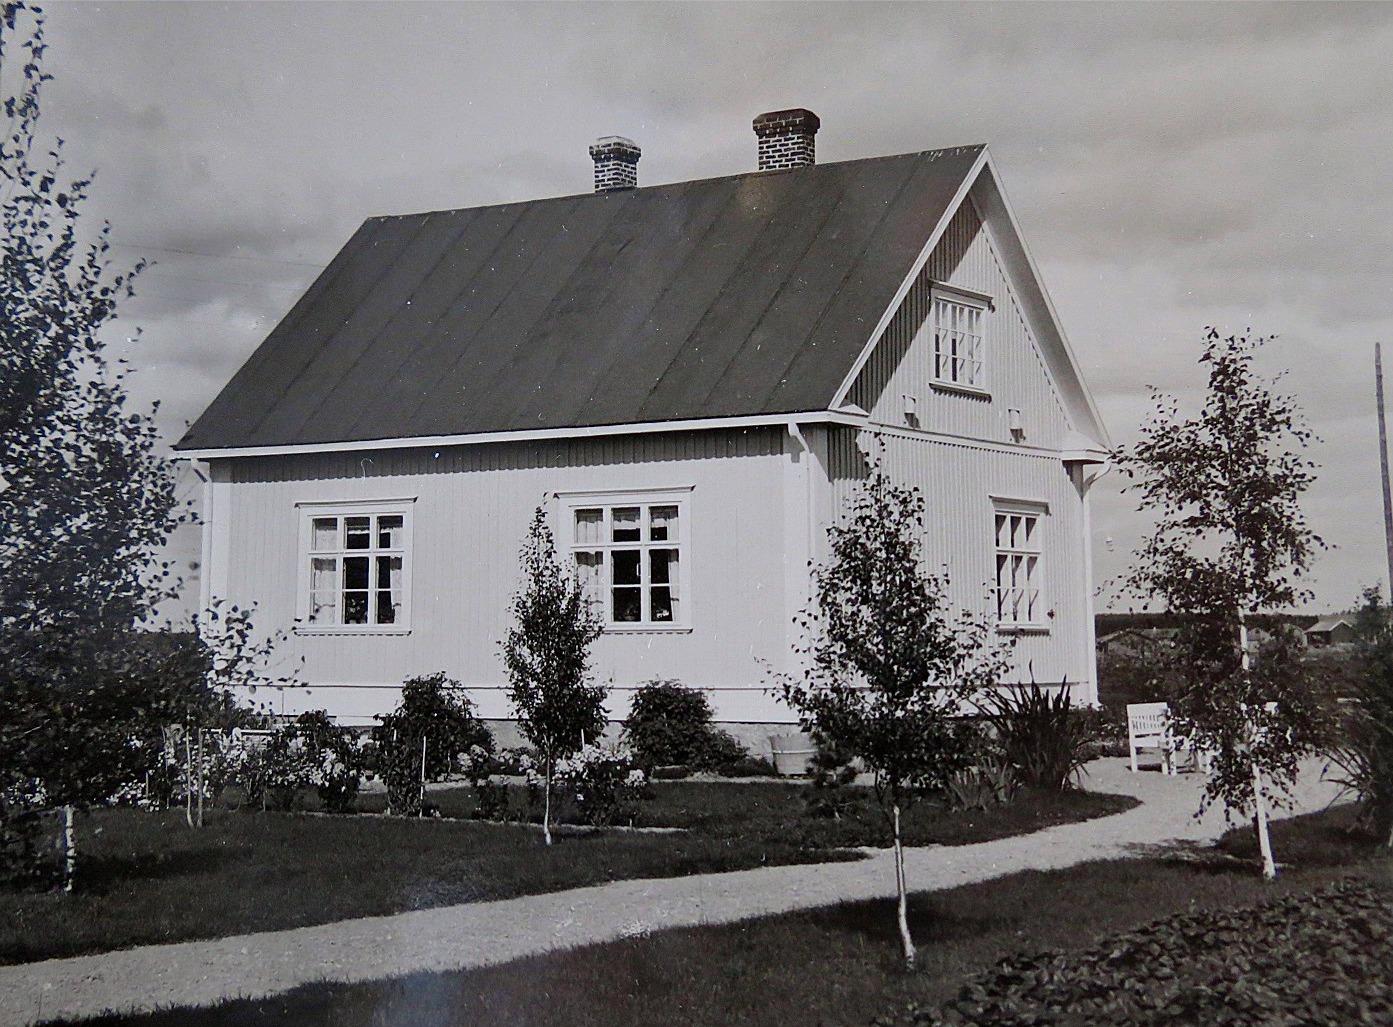 Efter pensionering från lärararbetet i Dagsmark blev Wadström bankdirektör i Lappfjärd. I början på 1930-talet byggde han denna gård på Lappfjärdsvägen 832, som alltså stod mittemot banken. Efter Wadströms död såldes gården åt Åke och Gunnel Ålgars.